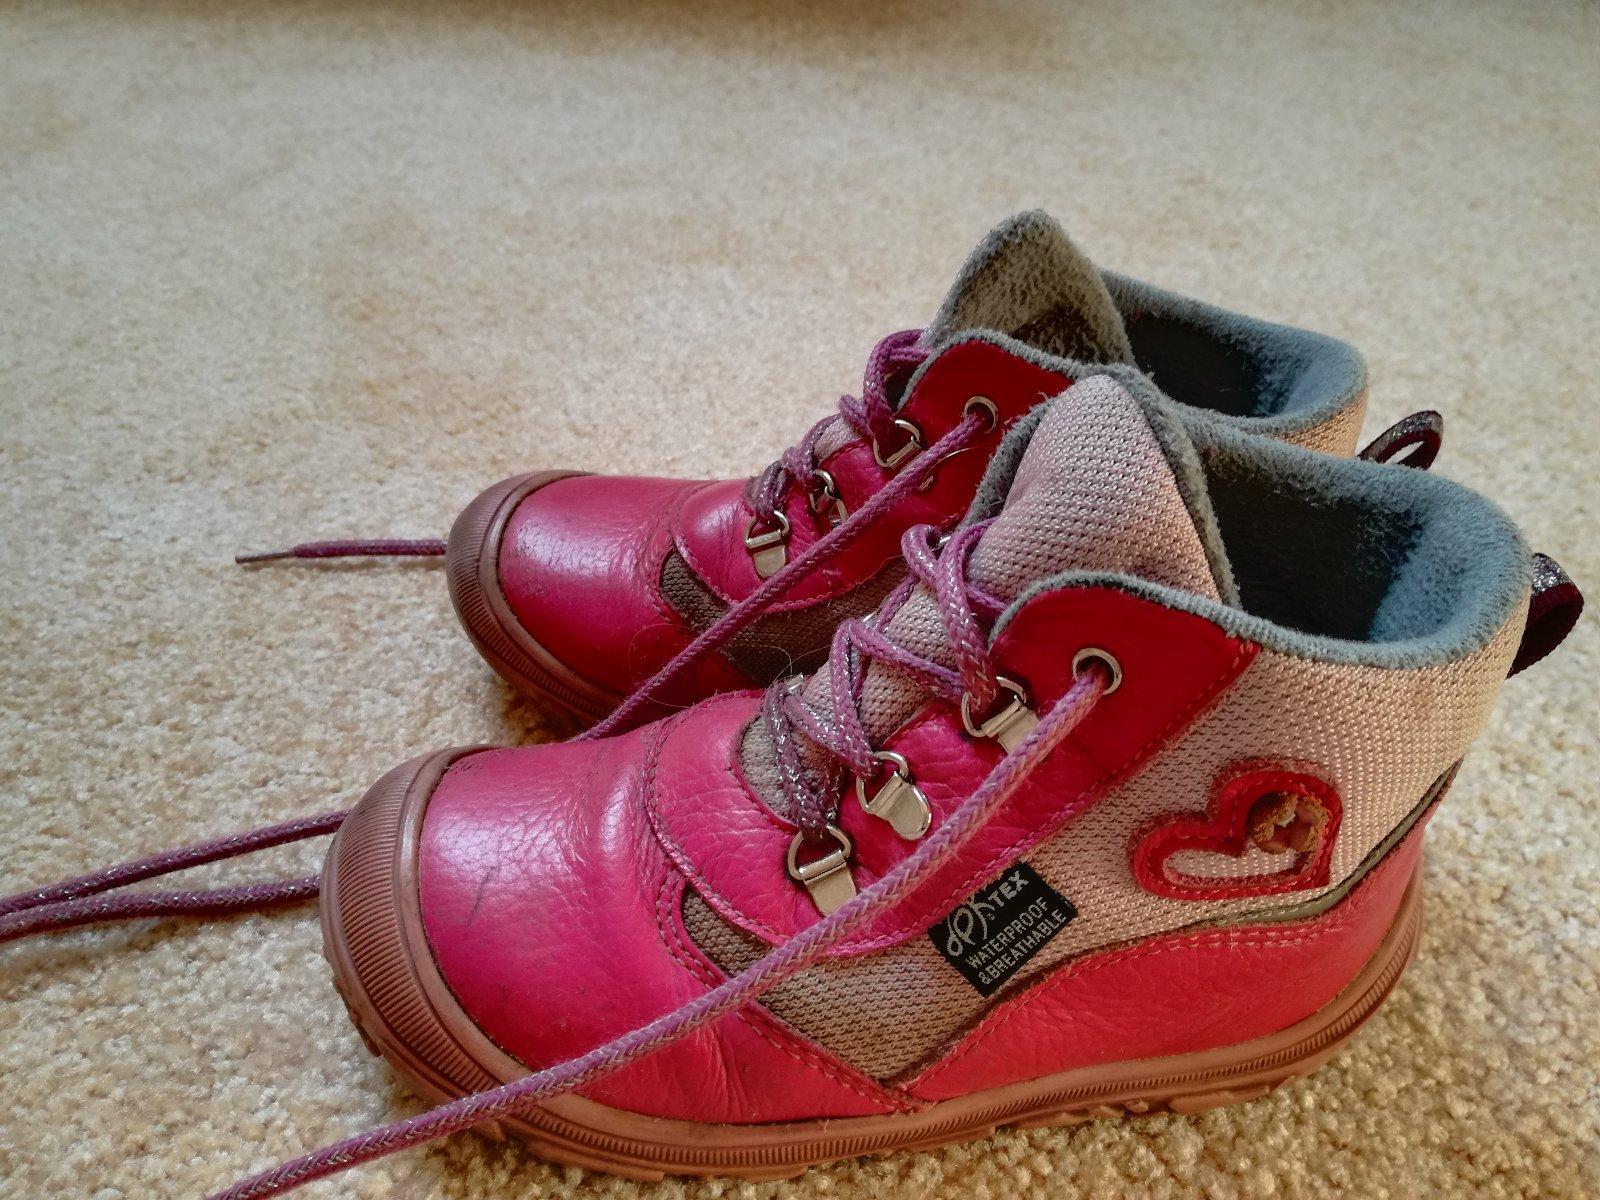 Zimní dívčí boty s membránou dpk vel. 27 f8d6140e89